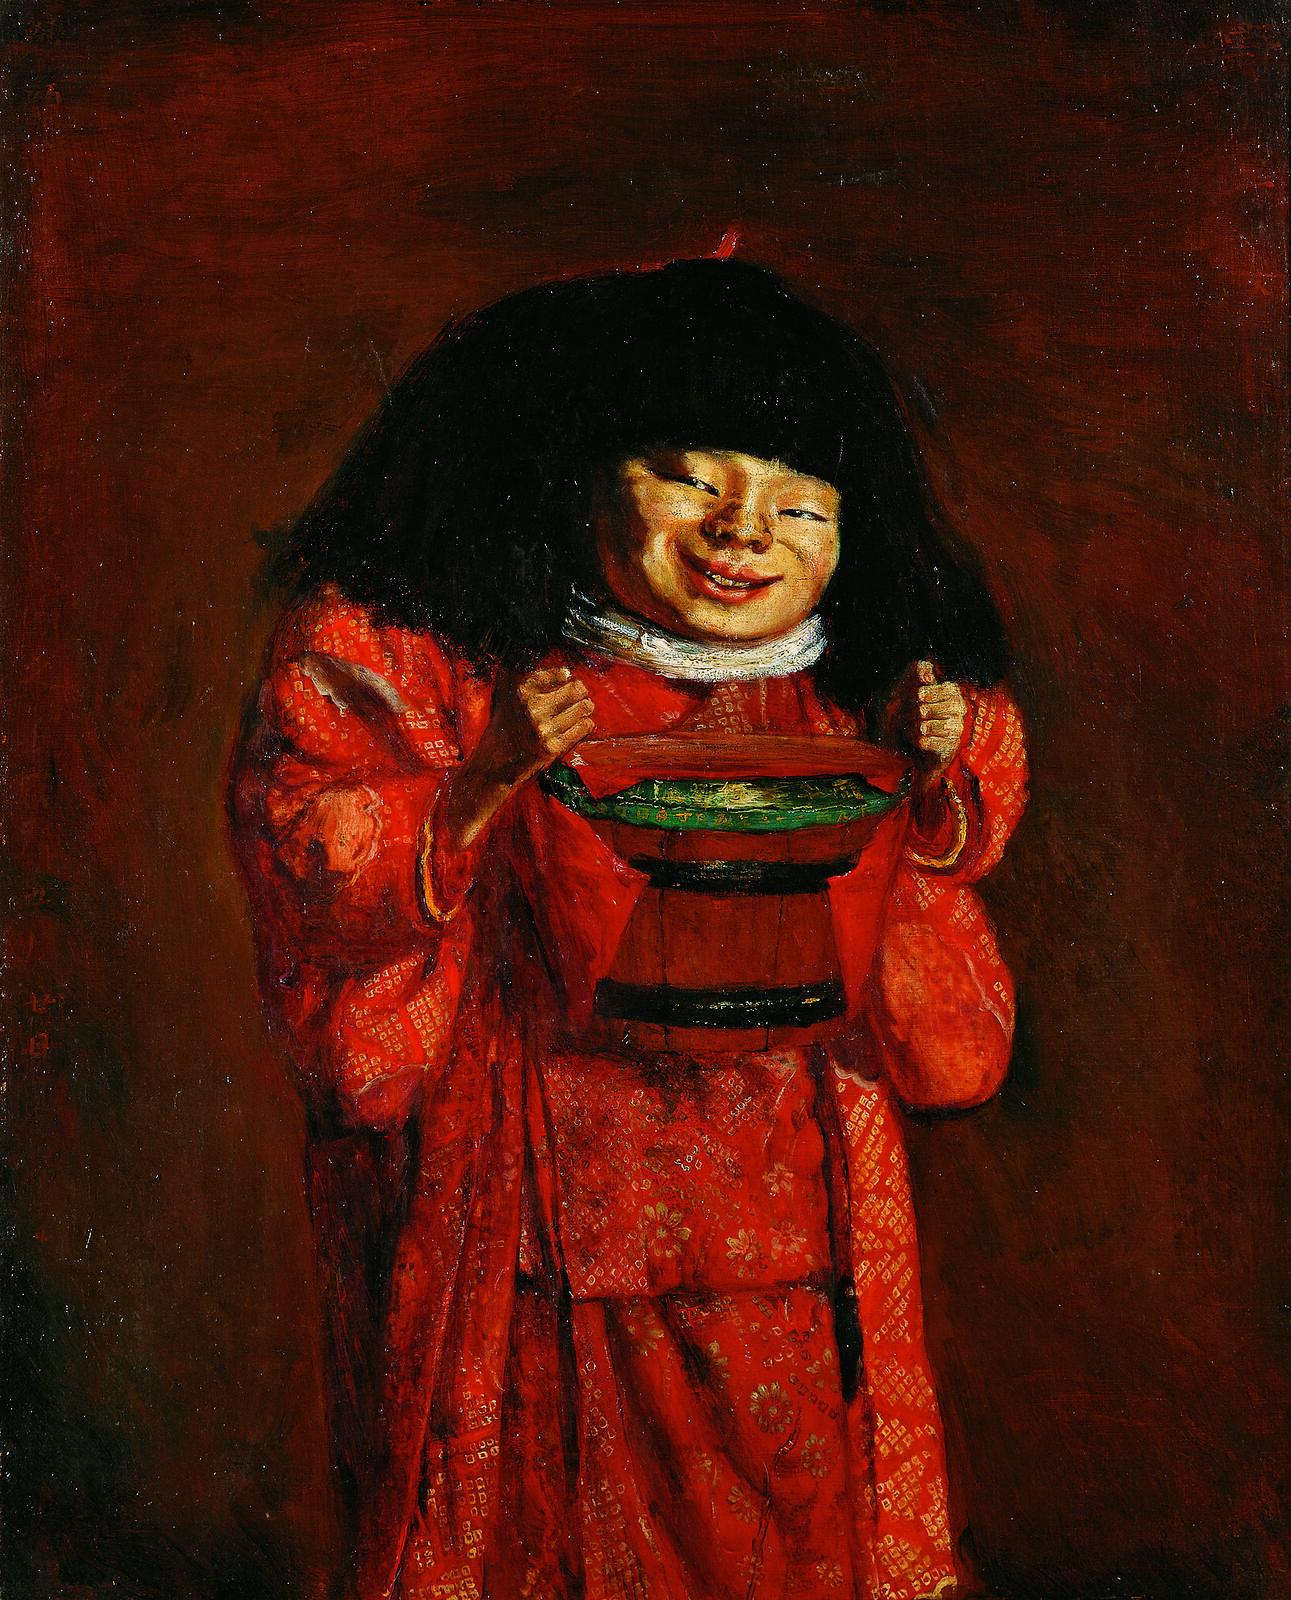 岸田劉生《野童女》(1922年、神奈川県立近代美術館寄託)